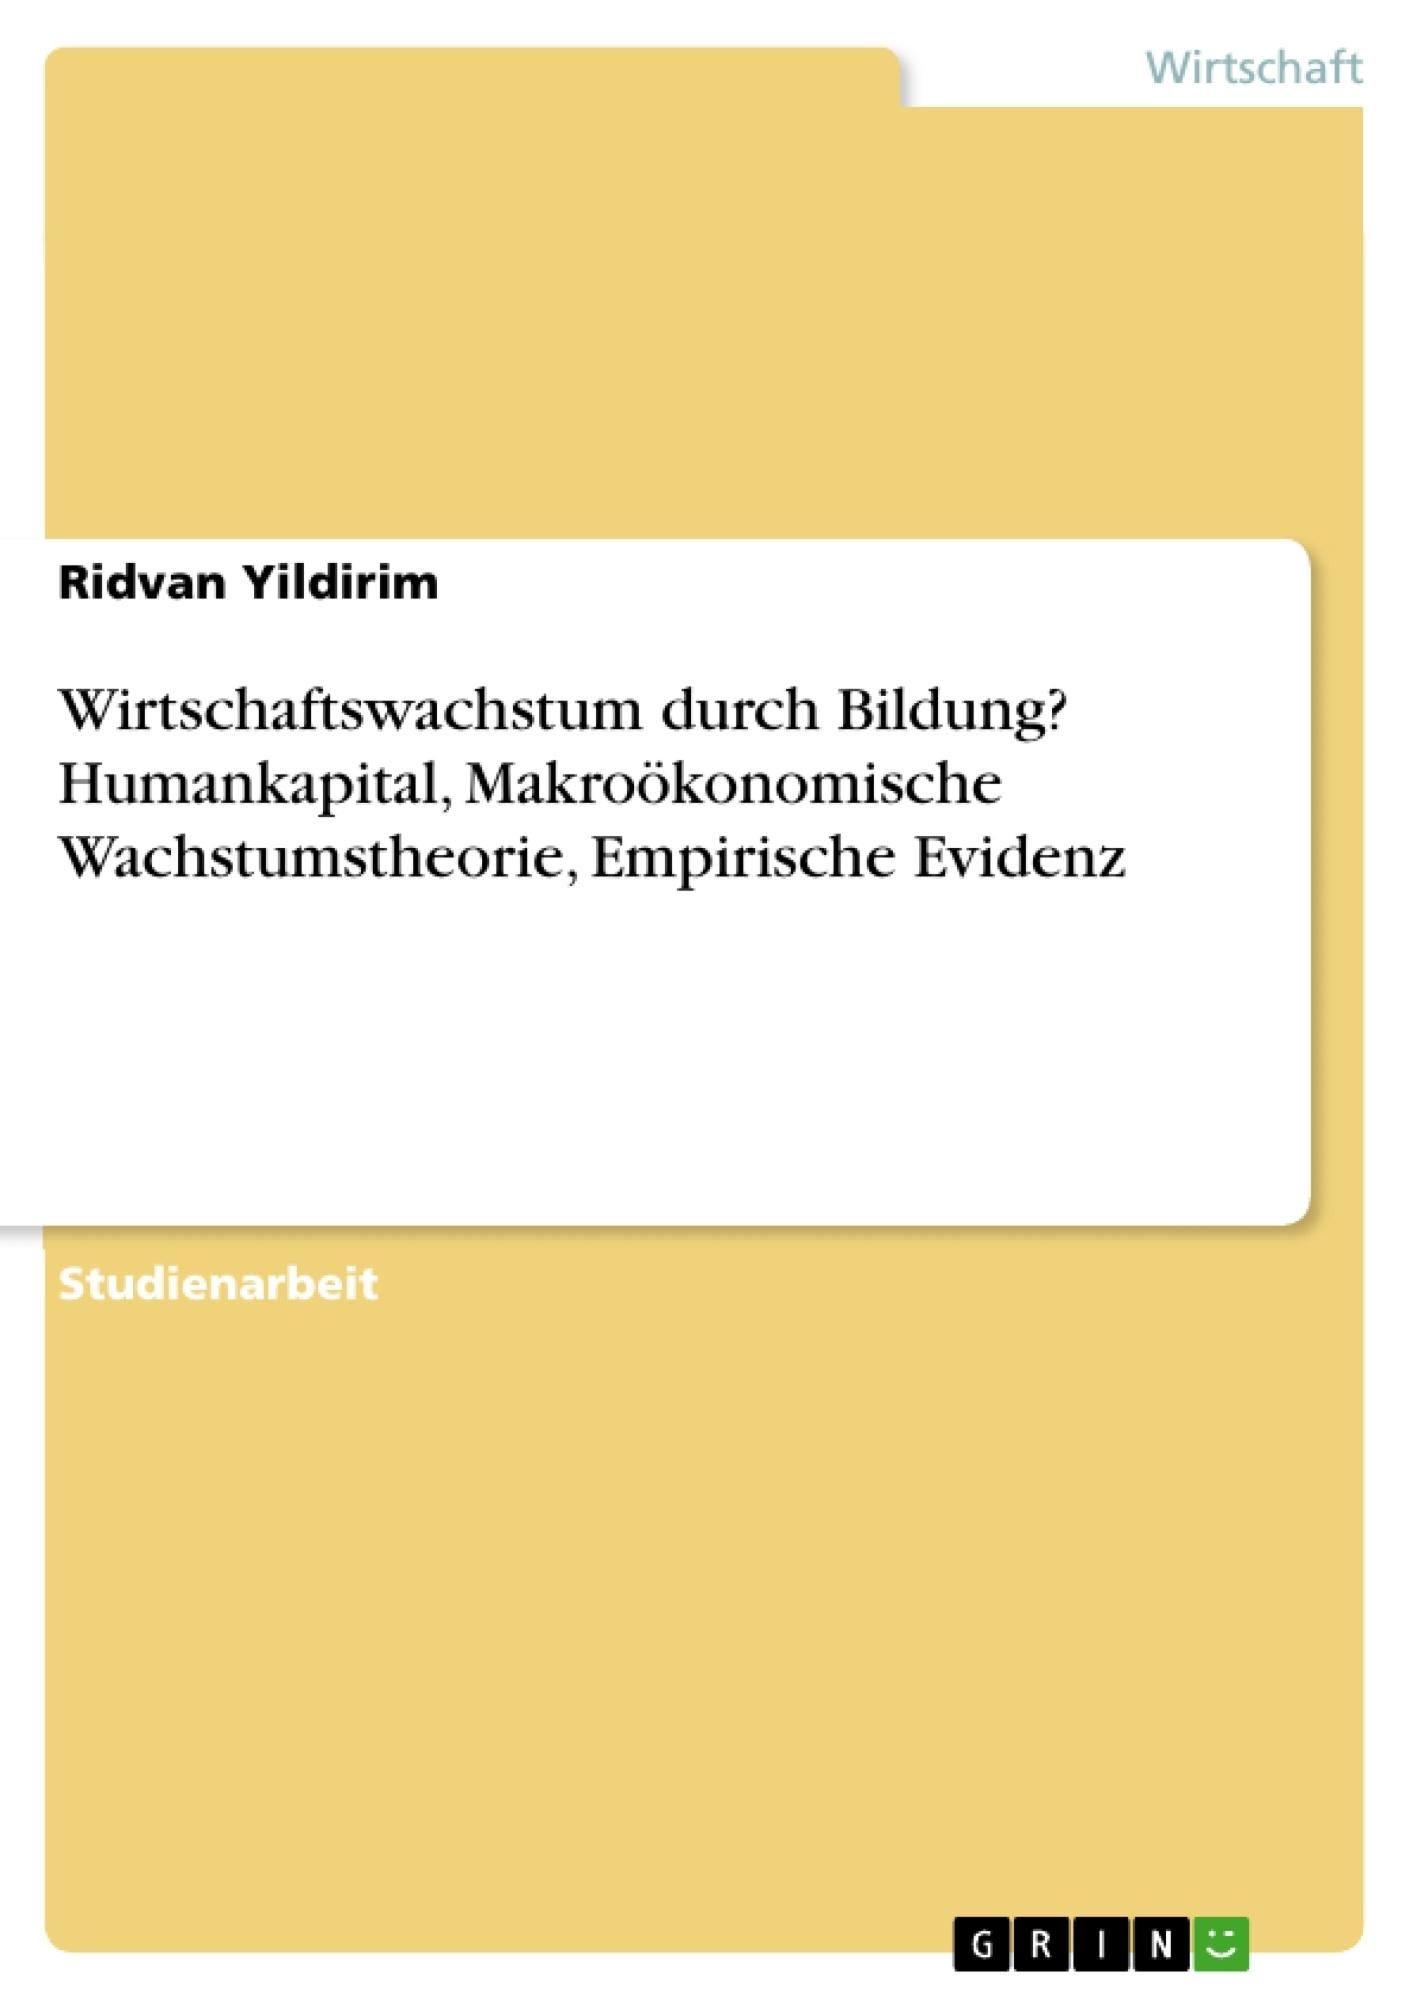 Titel: Wirtschaftswachstum durch Bildung? Humankapital, Makroökonomische Wachstumstheorie, Empirische Evidenz